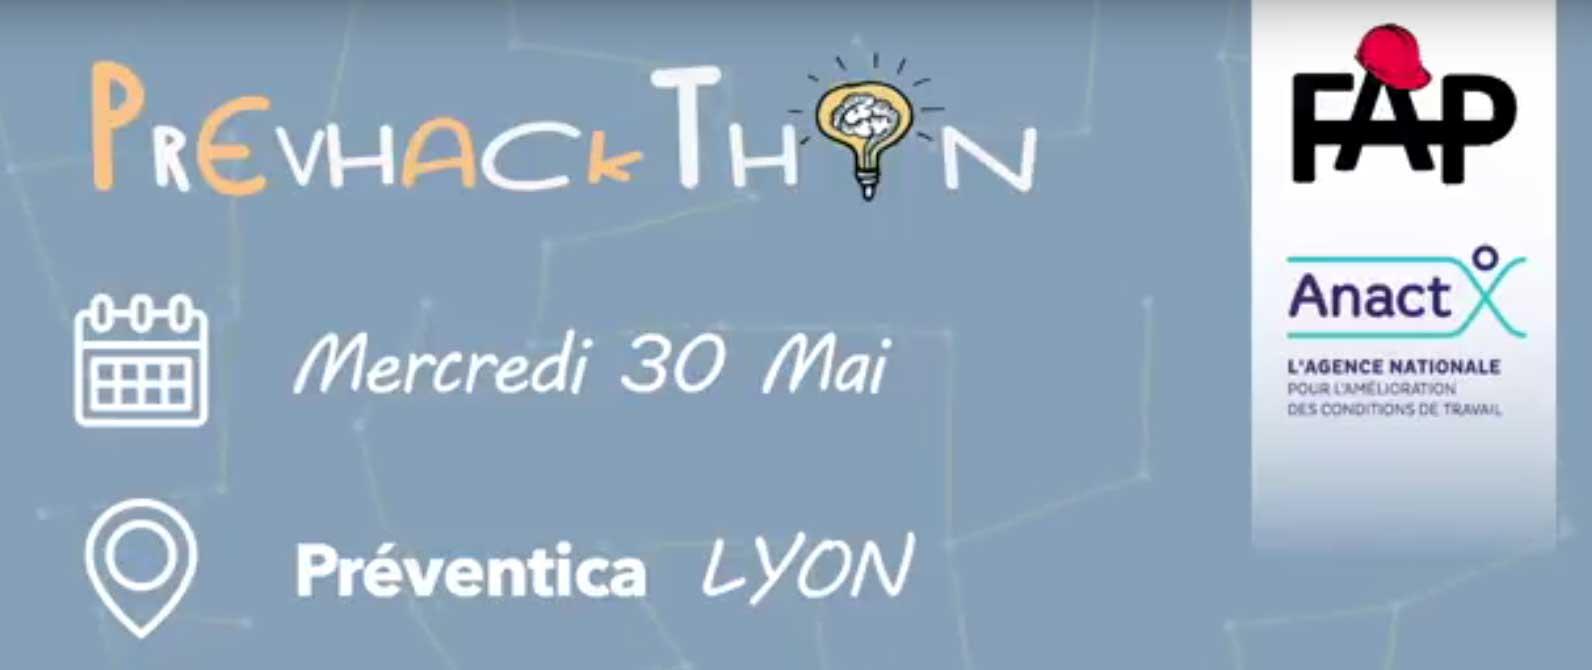 Le 1er hackathon de la prévention en France aura lieu le 30 mai